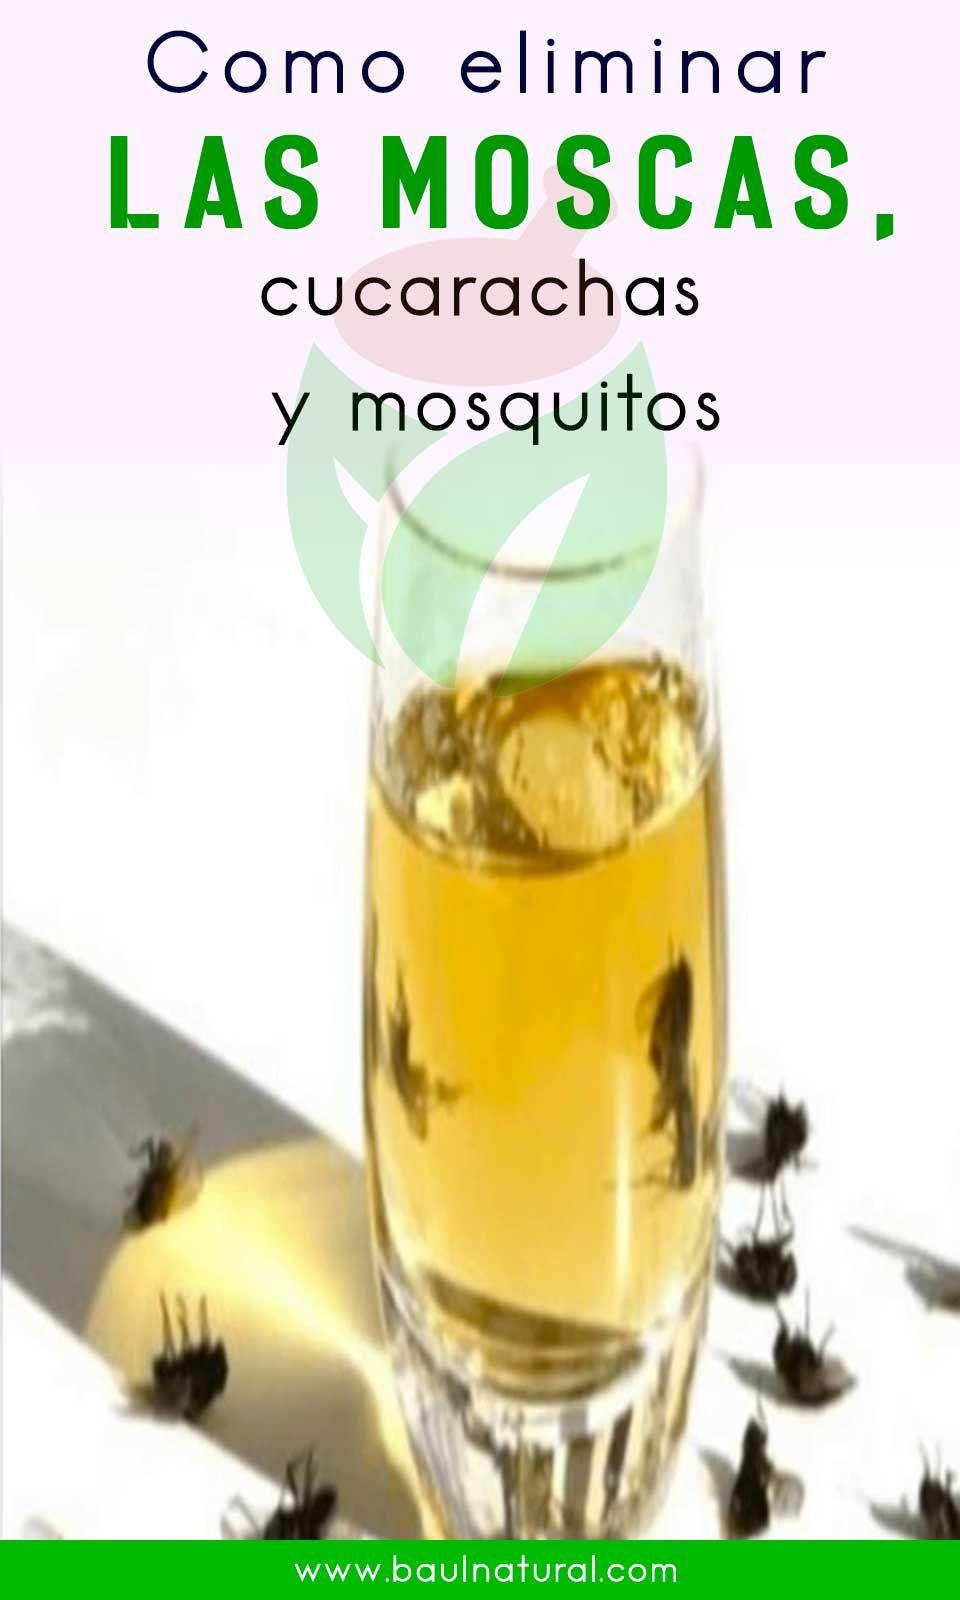 Como Eliminar Las Moscas Cucarachas Y Mosquitos Easy Christmas Treats Recipes Christmas Food Treats Easy Christmas Treats